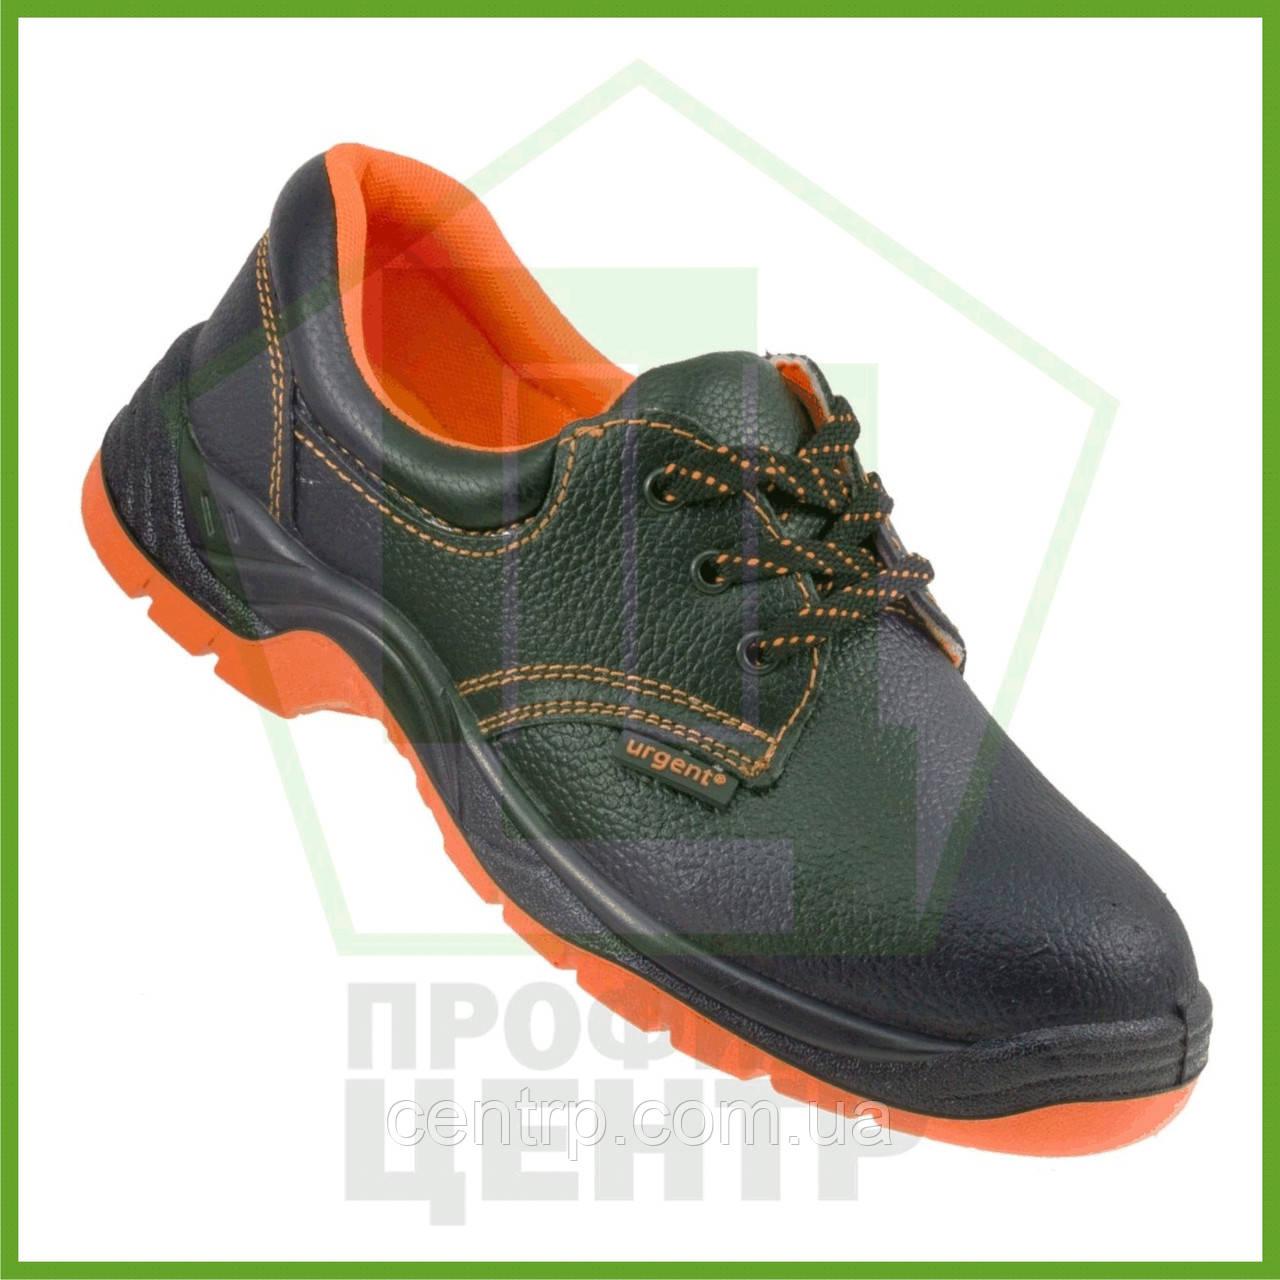 Туфли рабочие кожаные с металлическим носком URGENT 201 SB (натур.кожа)